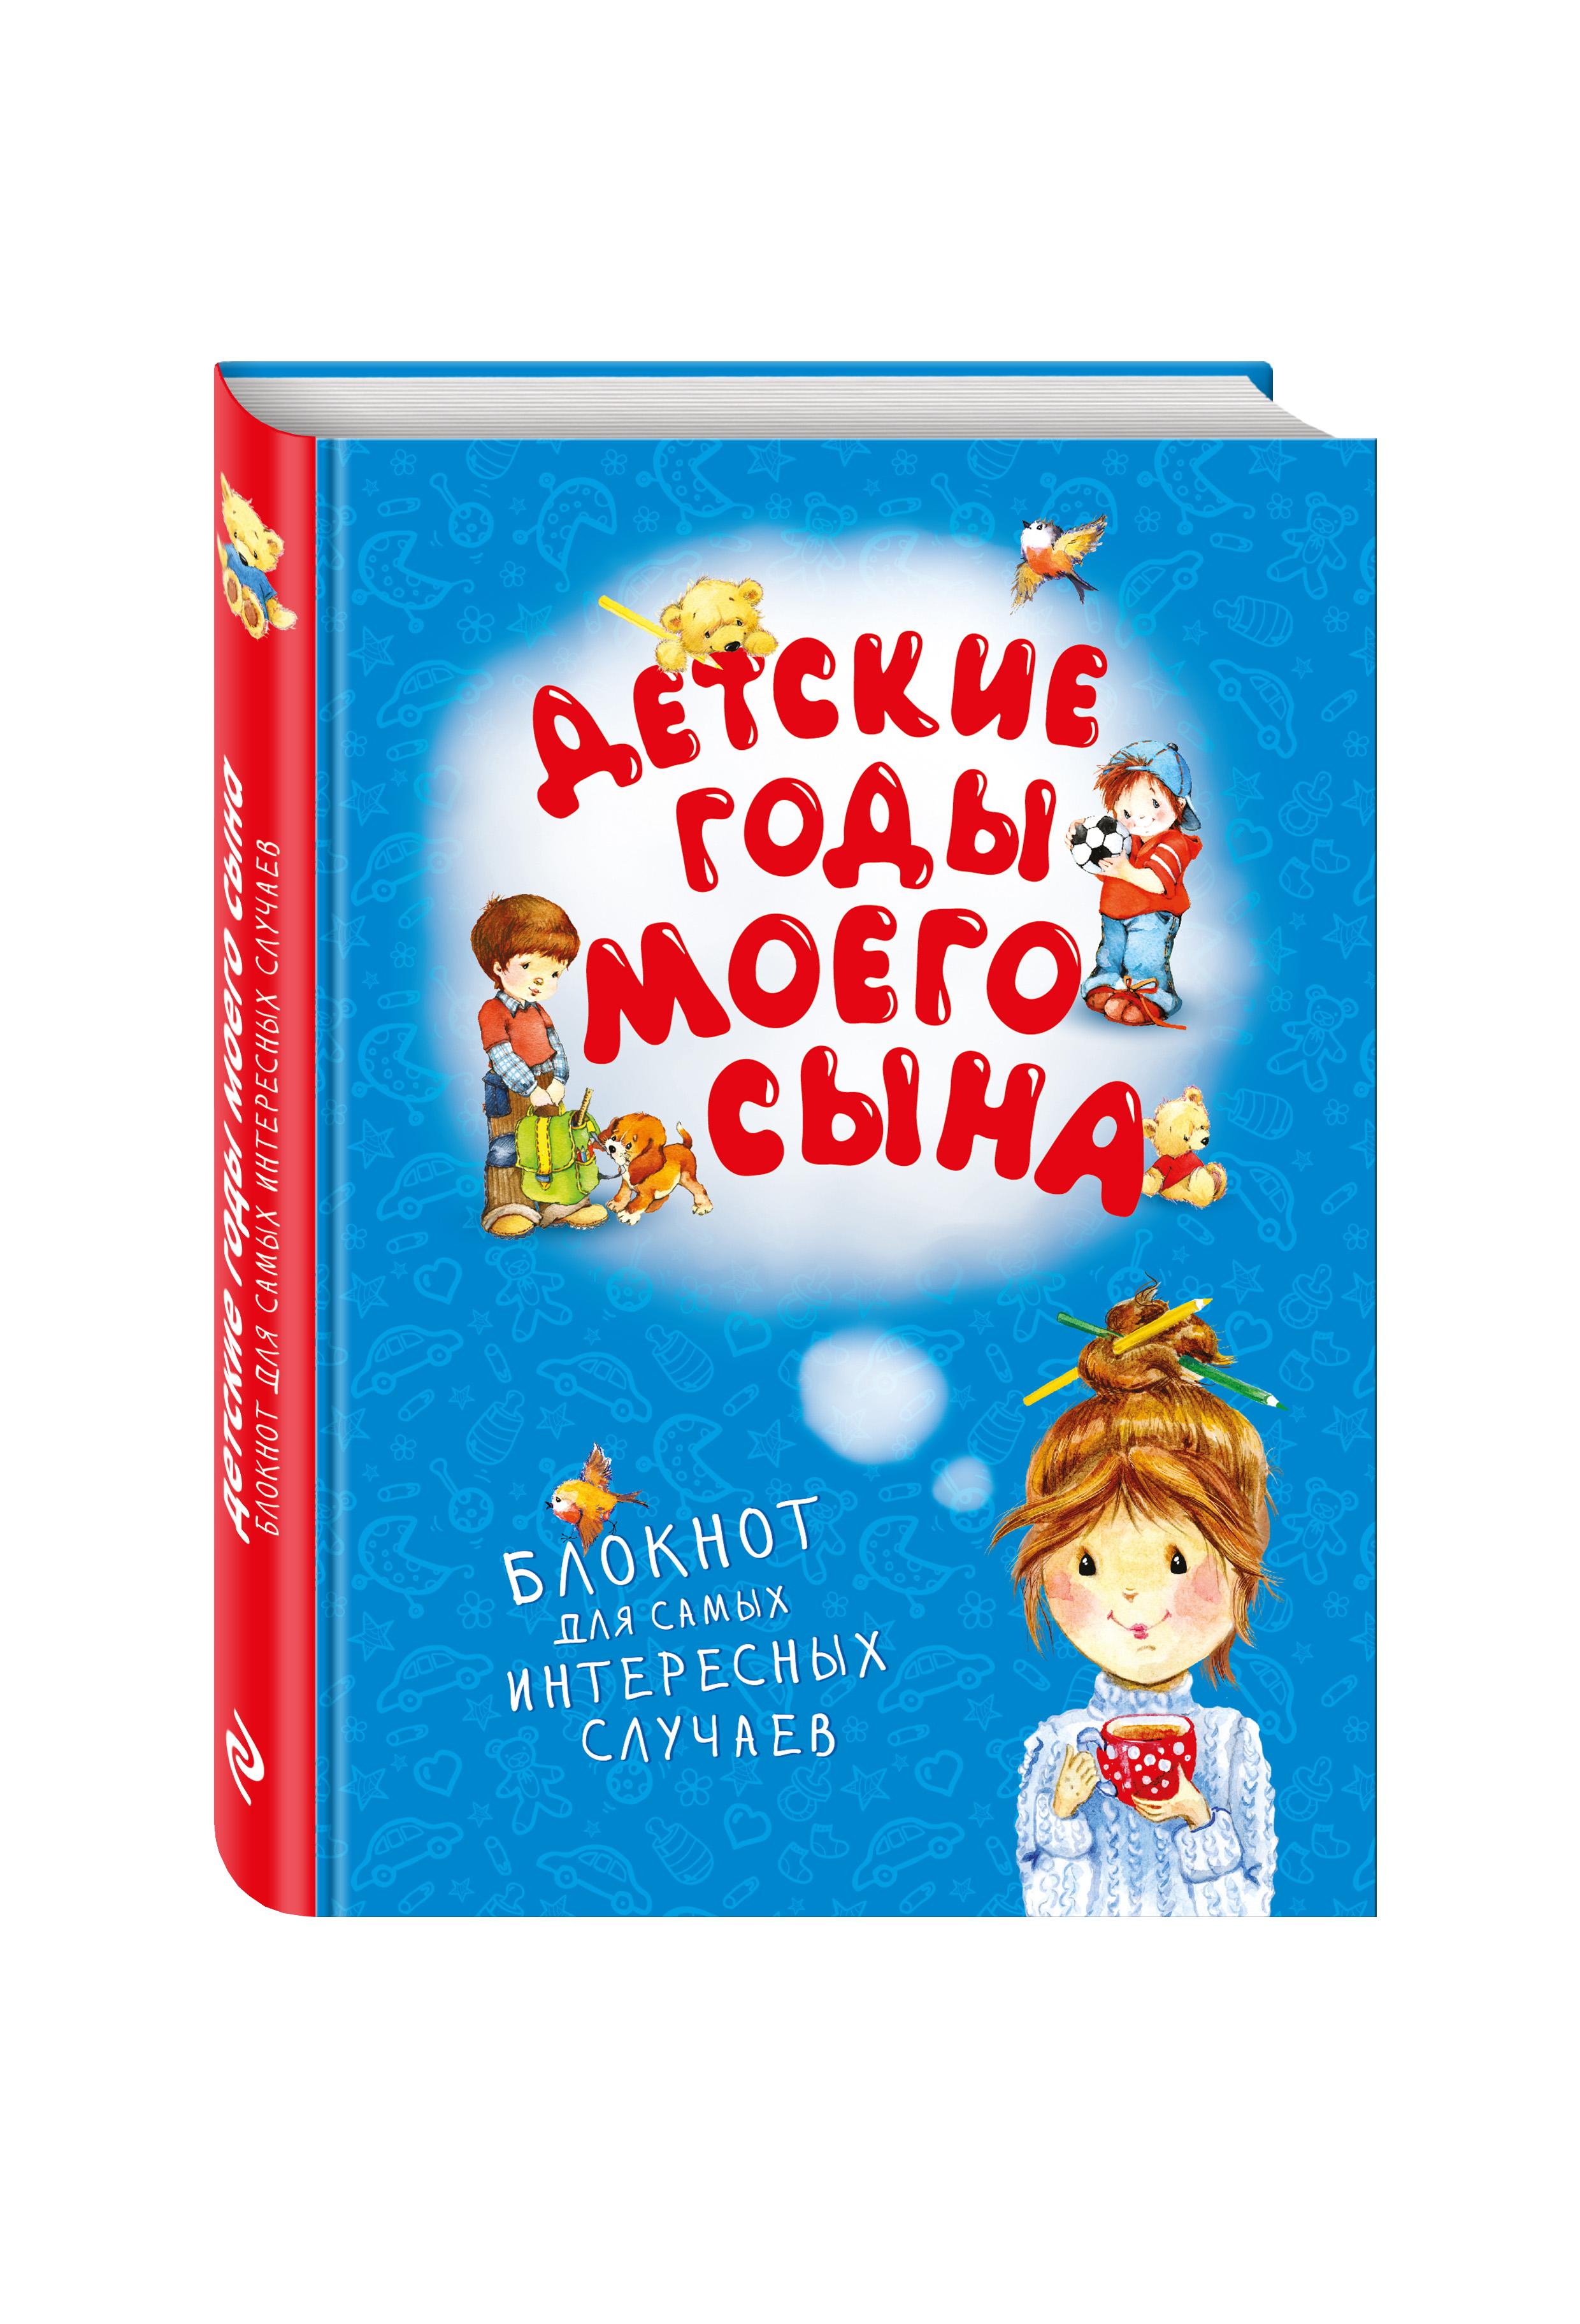 Детские годы моего сына. Блокнот для самых интересных случаев (новое оформление) от book24.ru